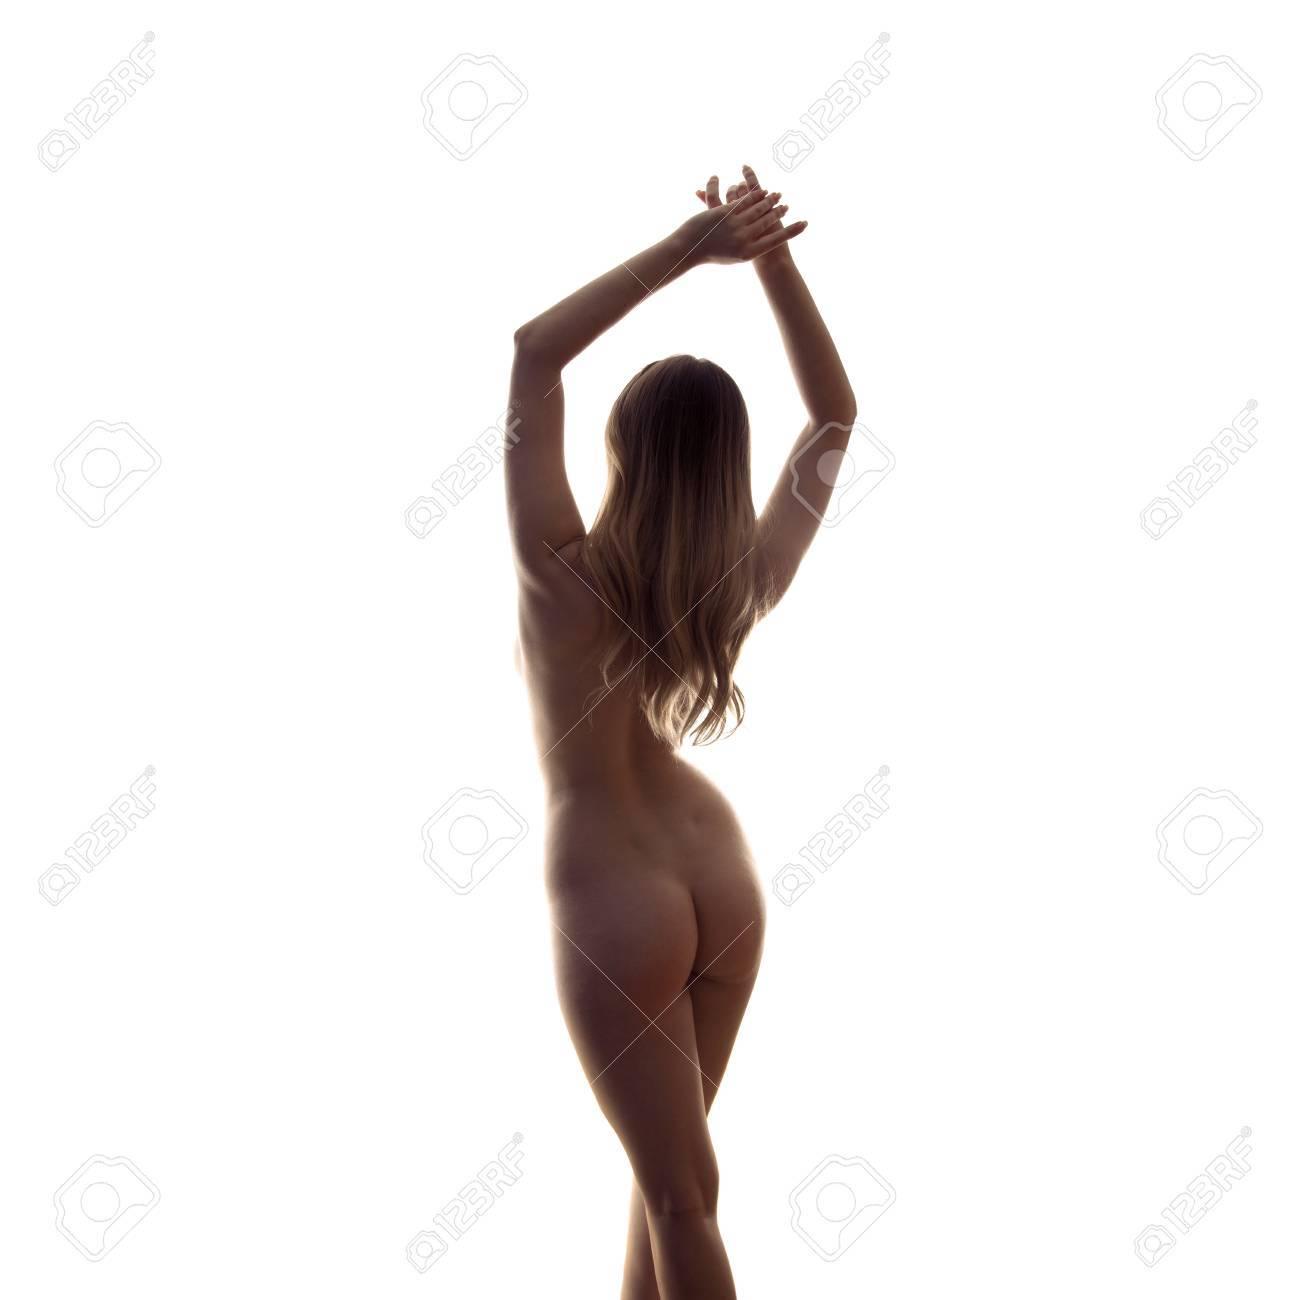 ba69fe2ab900 Silueta De La Mujer Sexual Desde Atrás Sin Ropa Aislada En El Fondo ...